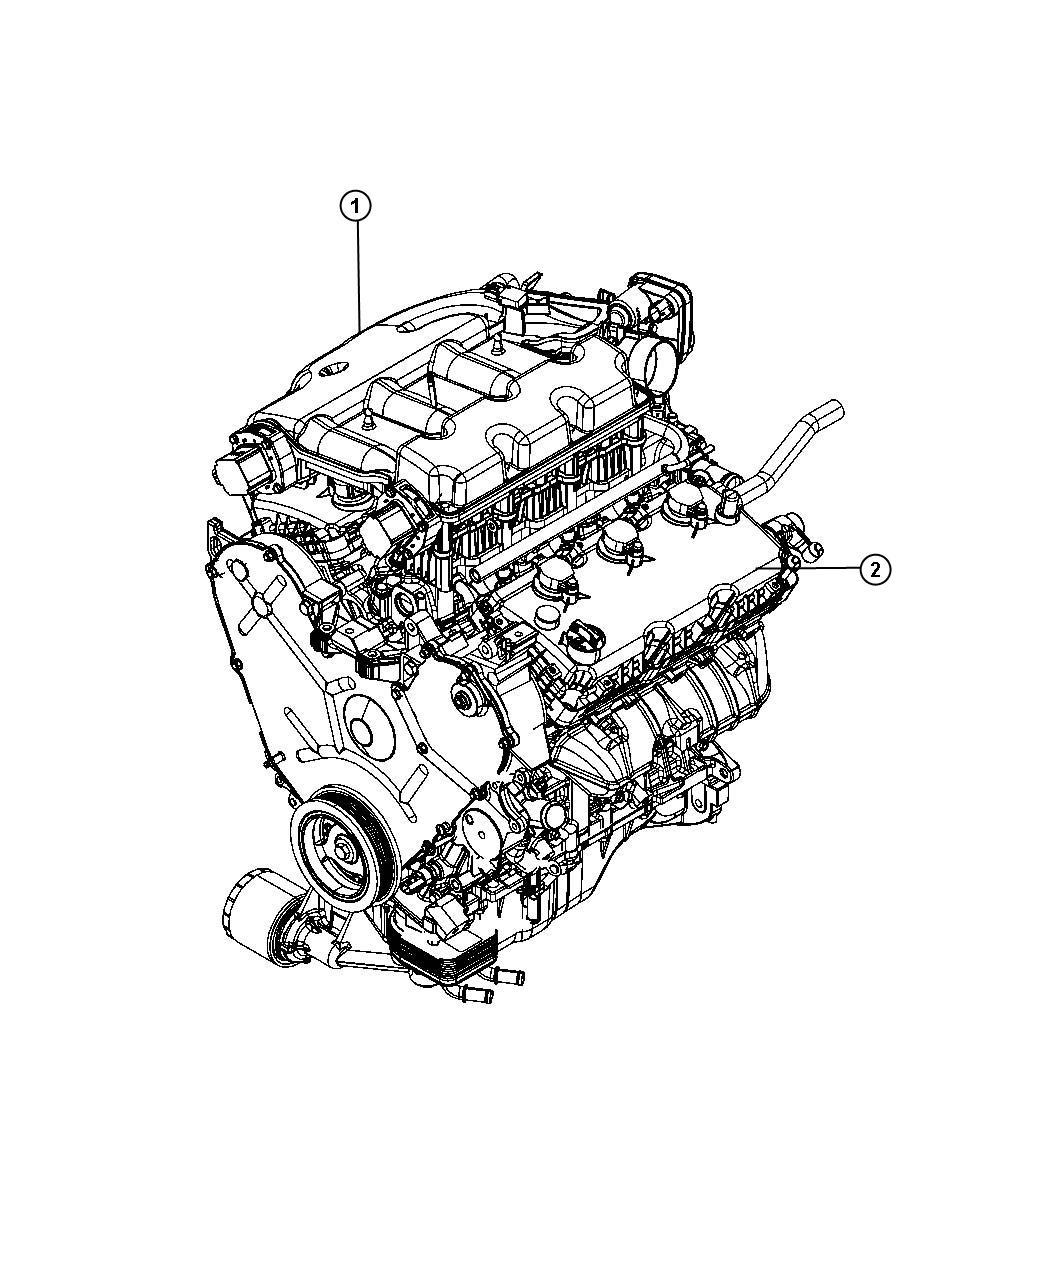 Sebring Engine Assembly And Service Long Block 3 5l 3 5l V6 High Output 24v Mpi Engine